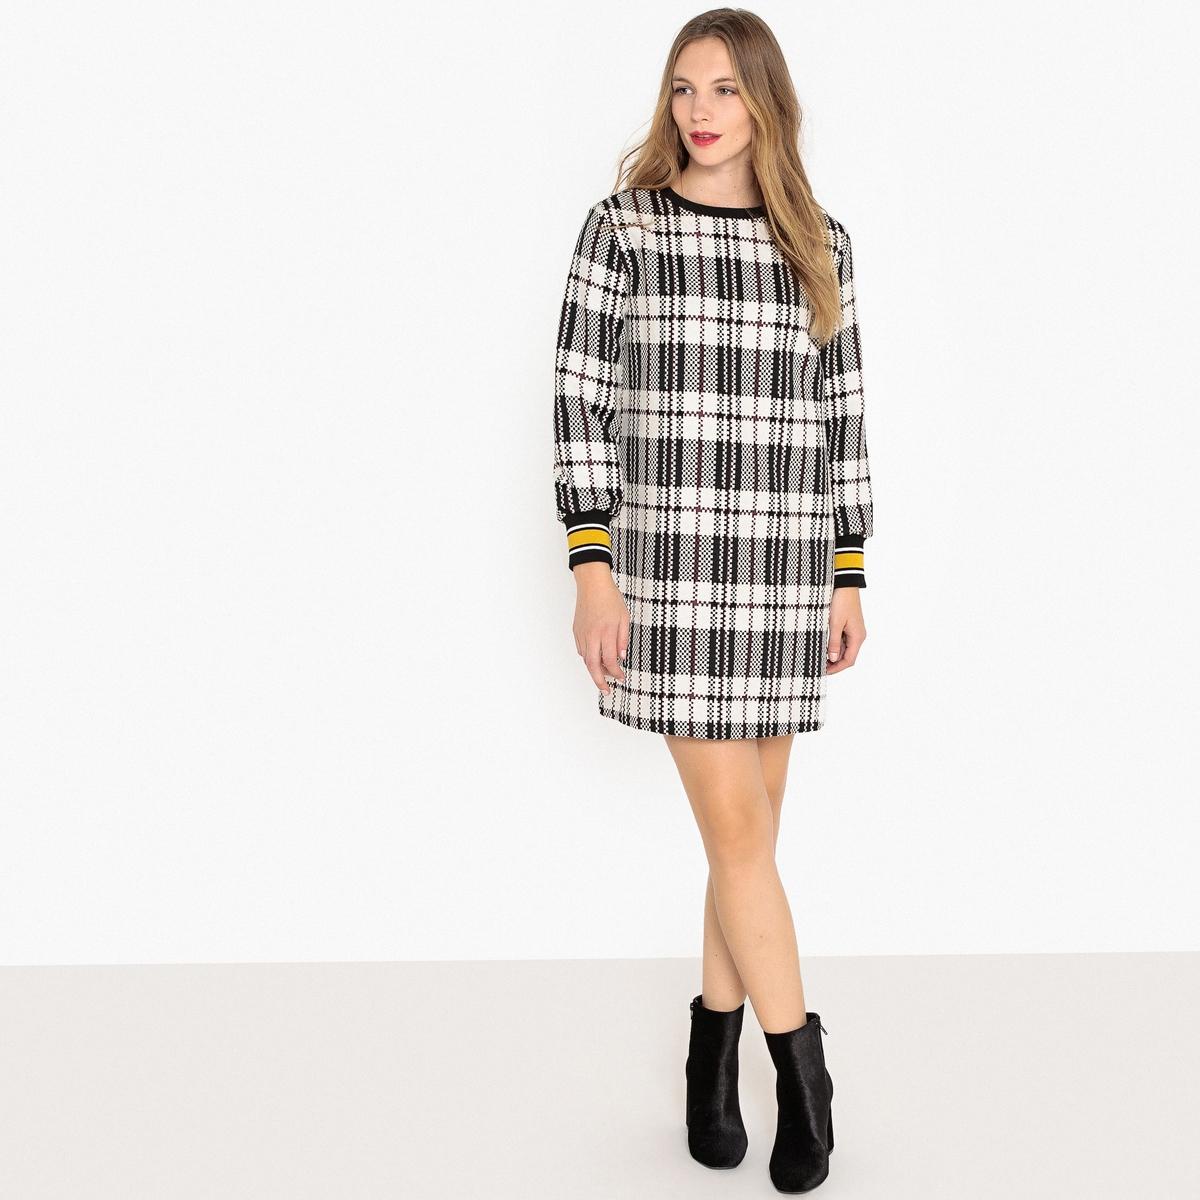 Платье La Redoute Прямое в клетку с застежкой на молнию сзади 34 (FR) - 40 (RUS) черный платье свитшот la redoute с воротником стойкой и застежкой на молнию сзади 34 fr 40 rus серый